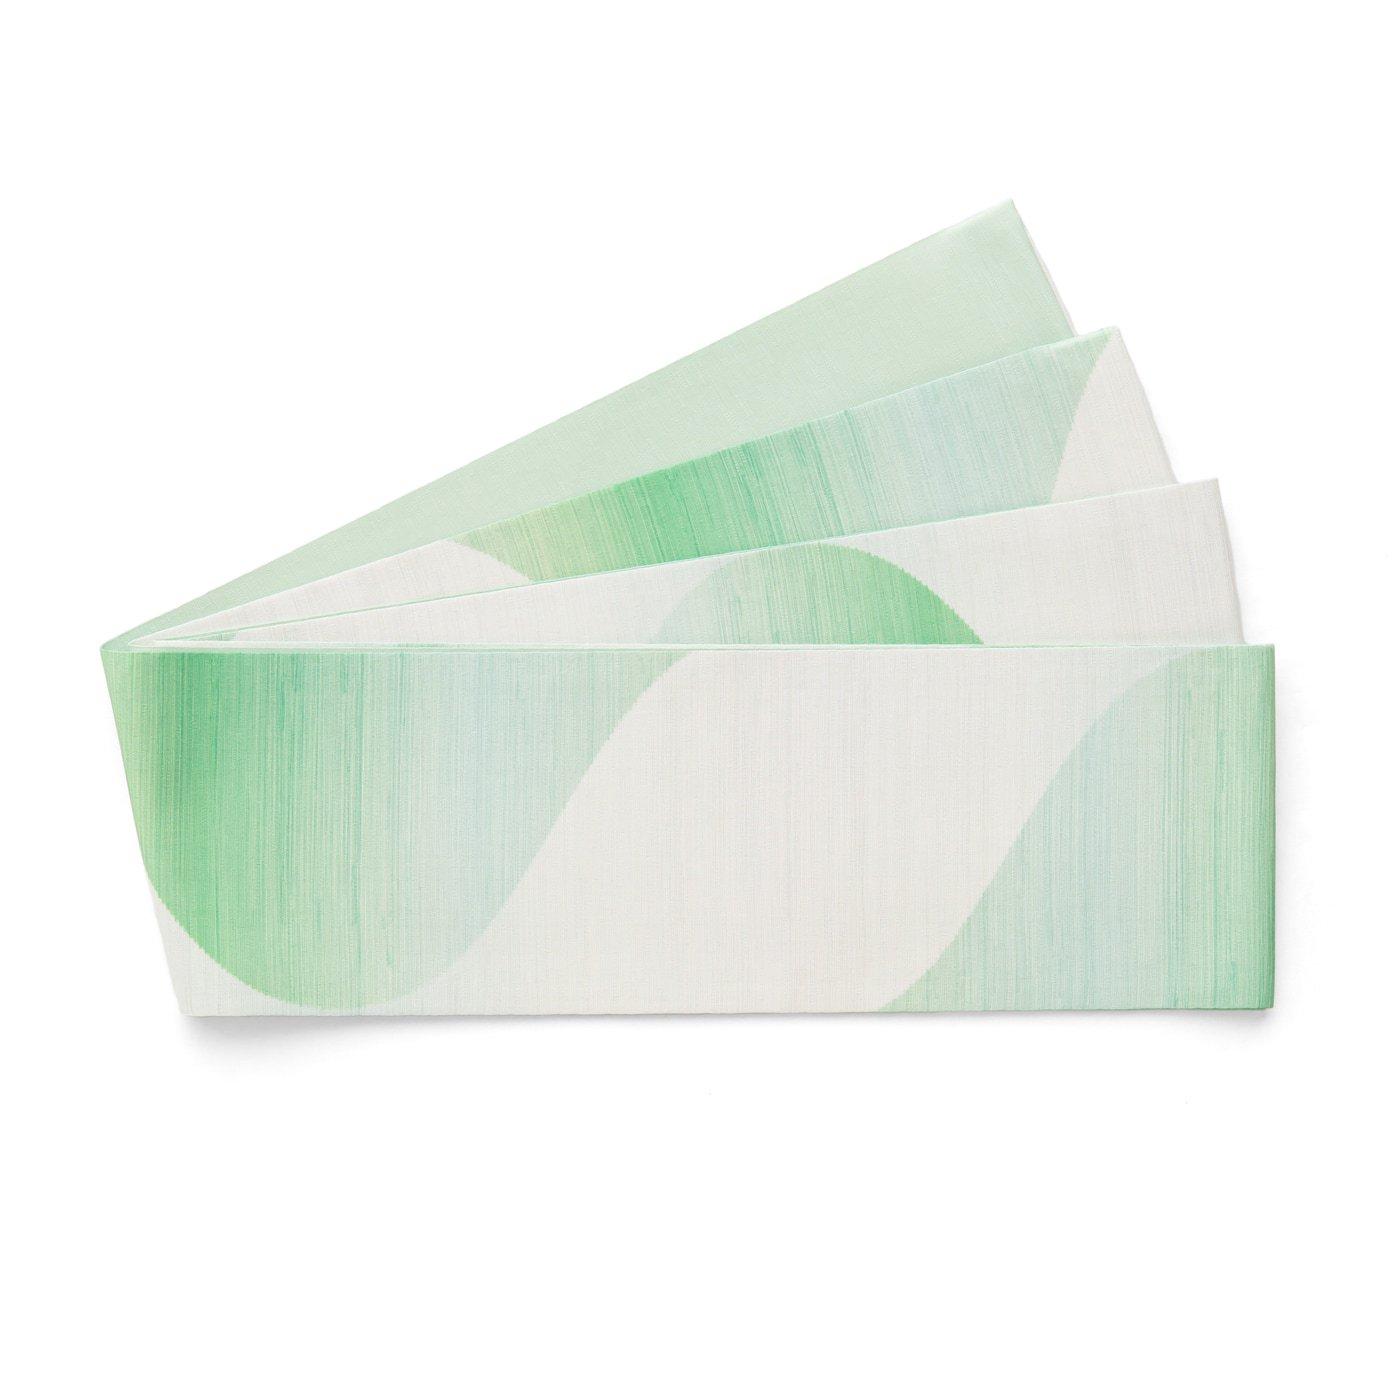 「長尺半幅帯 曲線暈し グリーン」の商品画像